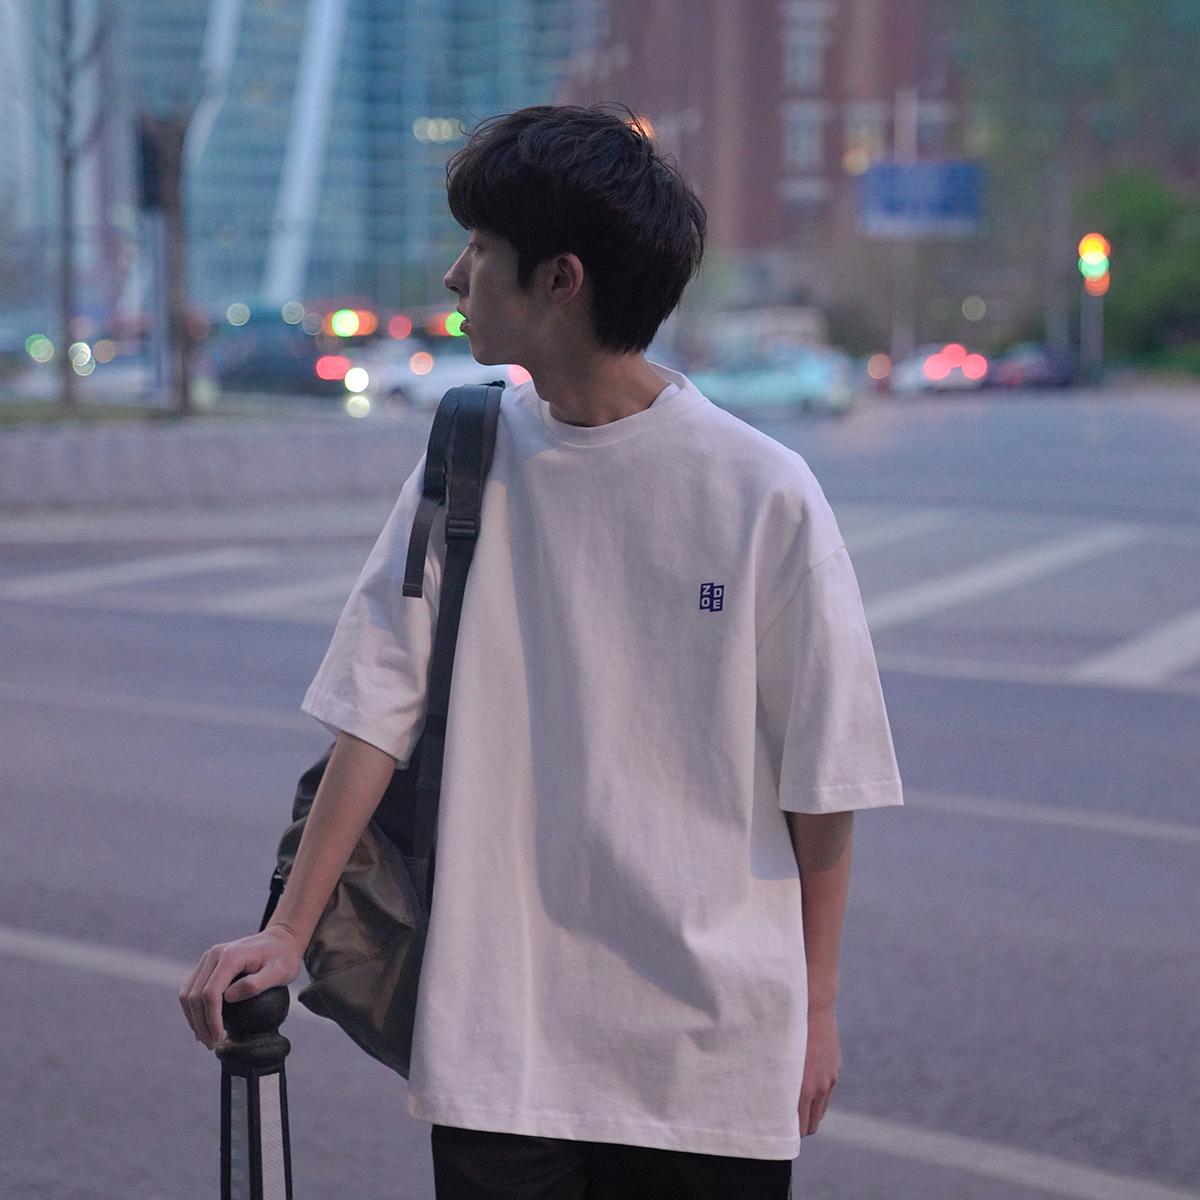 T潮牌学生上衣chicD2021新品男士短袖恤韩版宽松印花落肩半袖港味